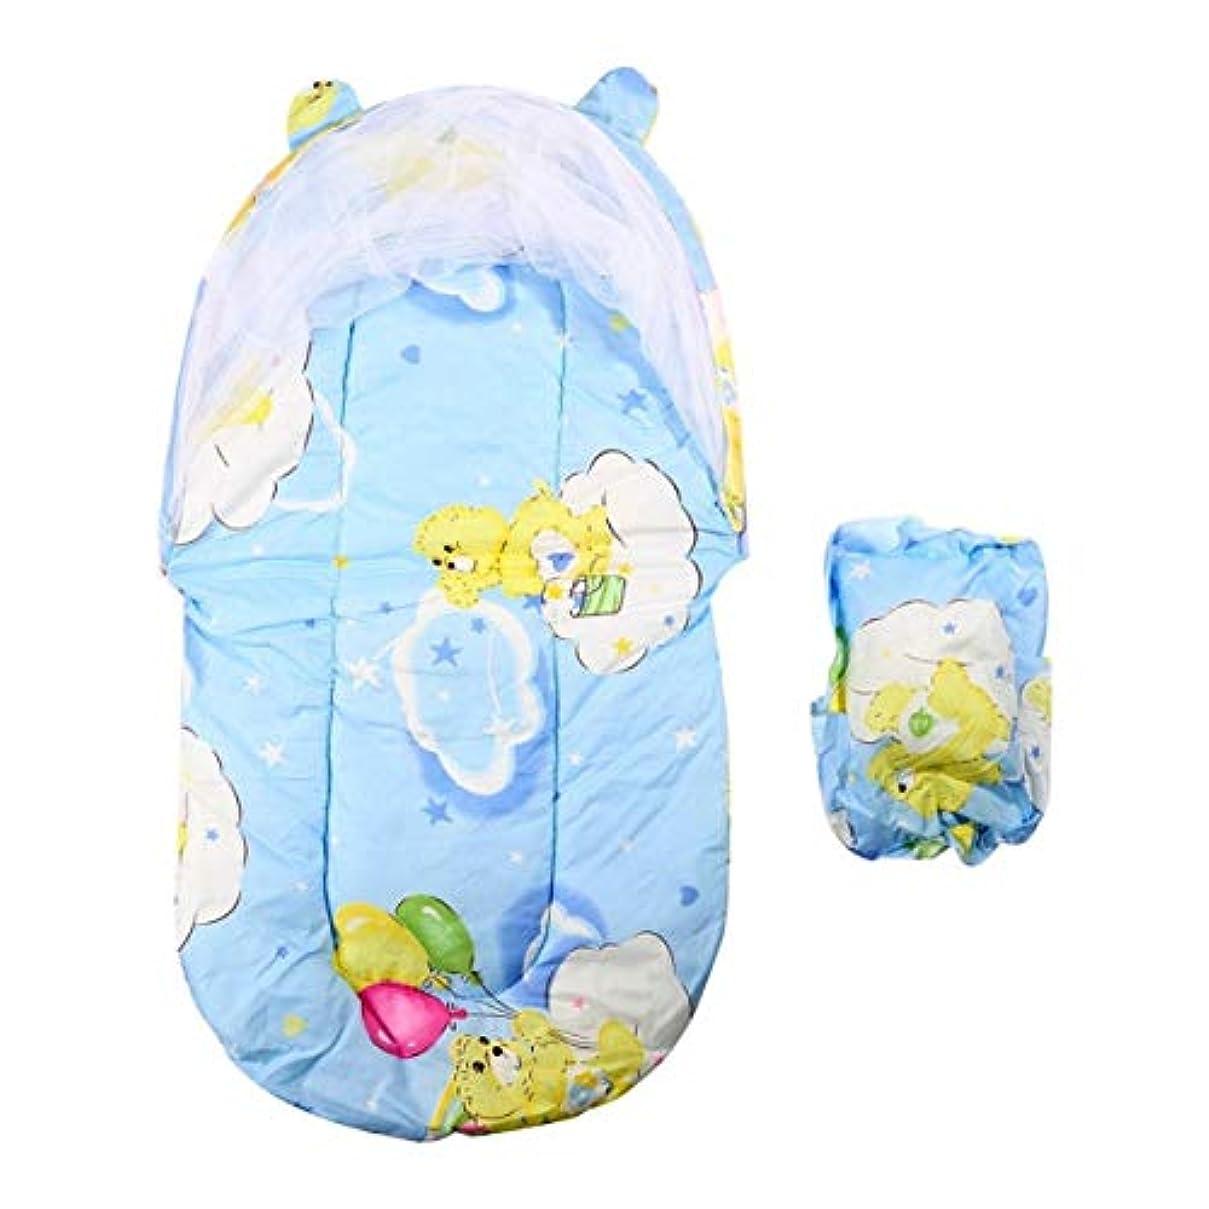 コンパスワーディアンケースレタッチSaikogoods 折り畳み式の新しい赤ん坊の綿パッド入りマットレス幼児枕ベッド蚊帳テントはキッズベビーベッドアクセサリーハングドームフロアスタンド 青